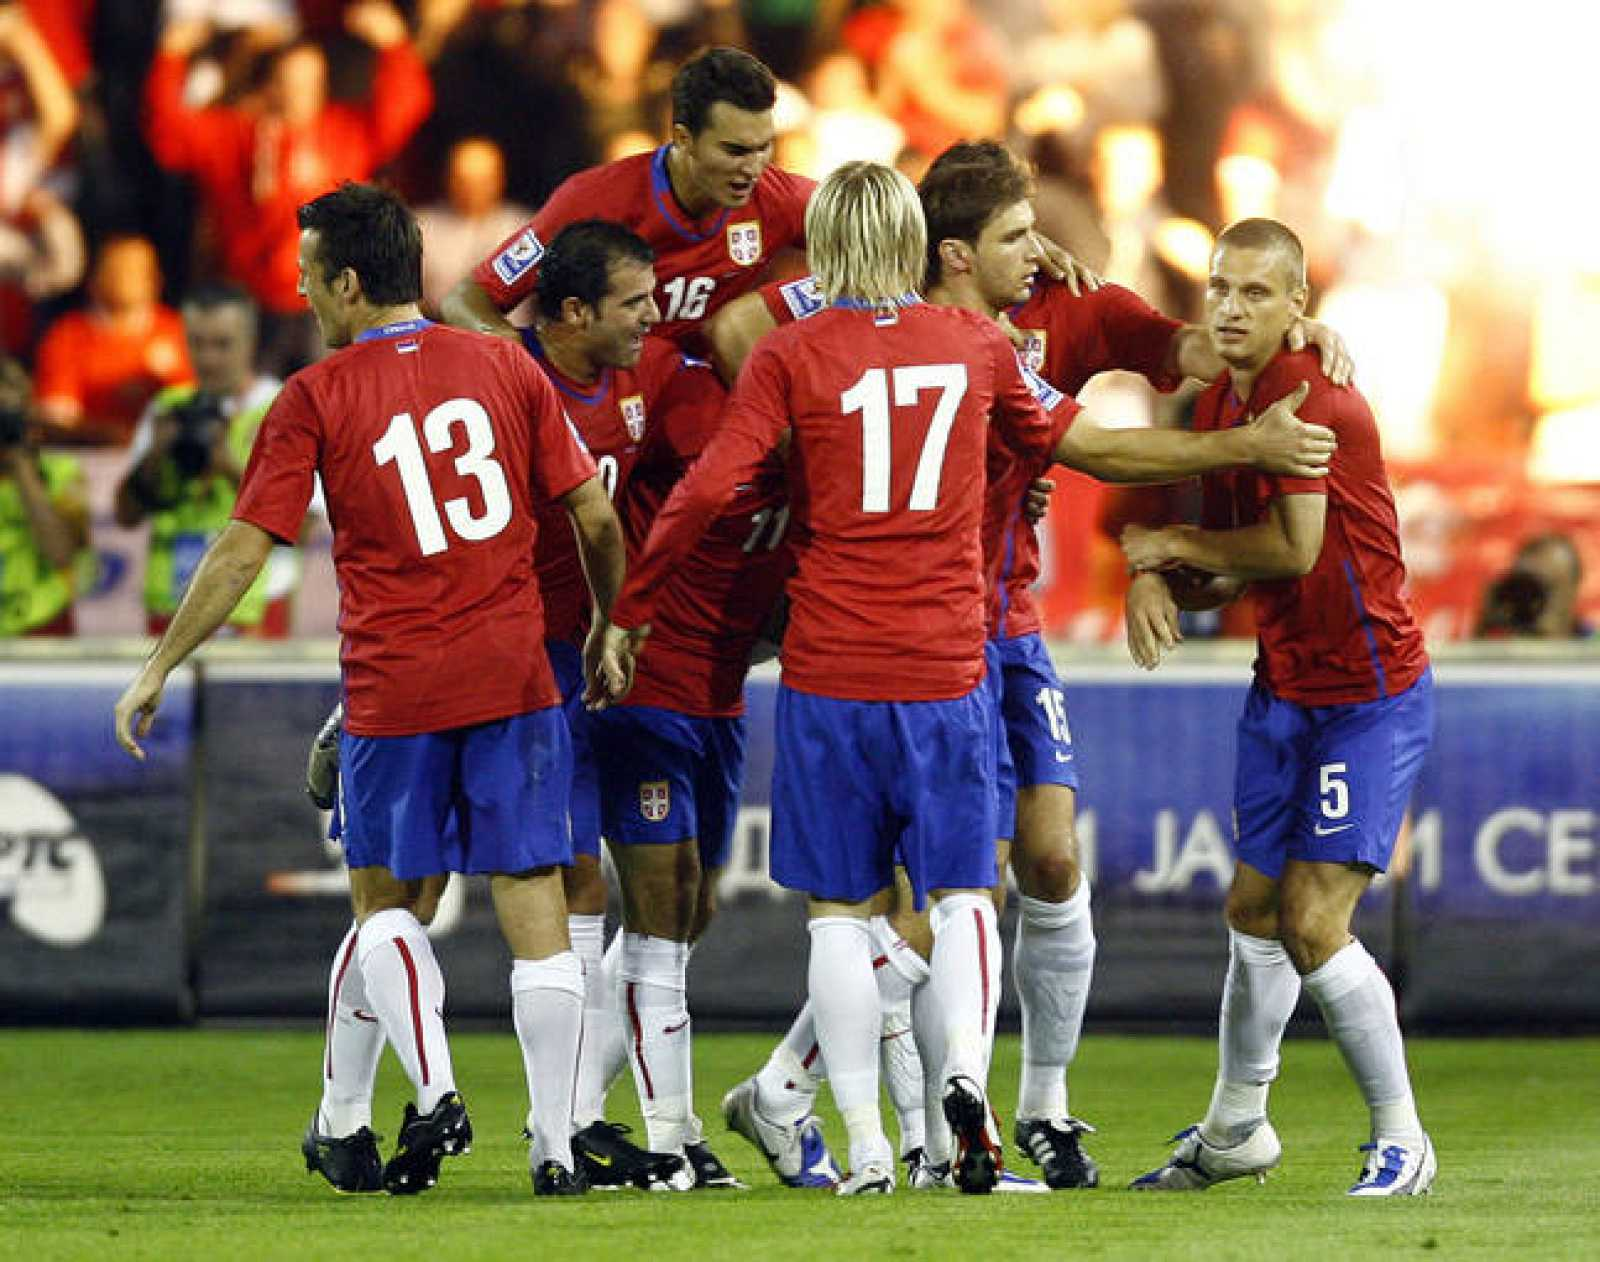 Selección de fútbol de Serbia